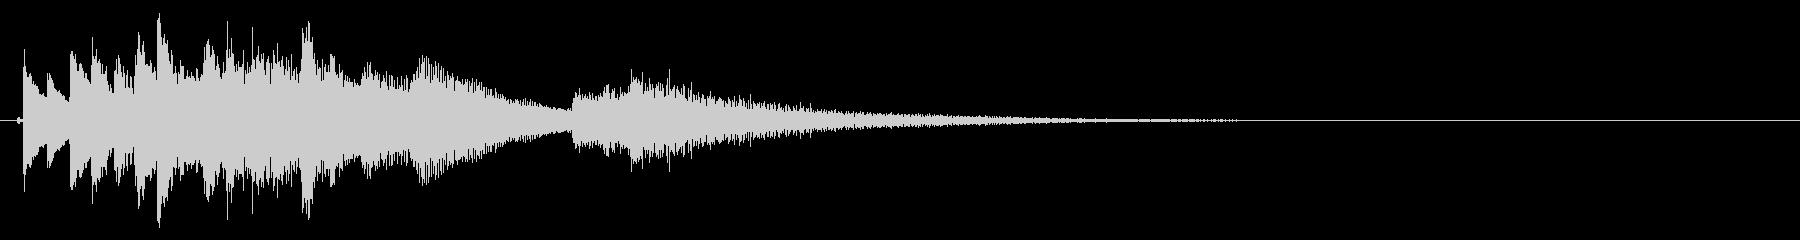 琴のフレーズ4☆調律1の未再生の波形